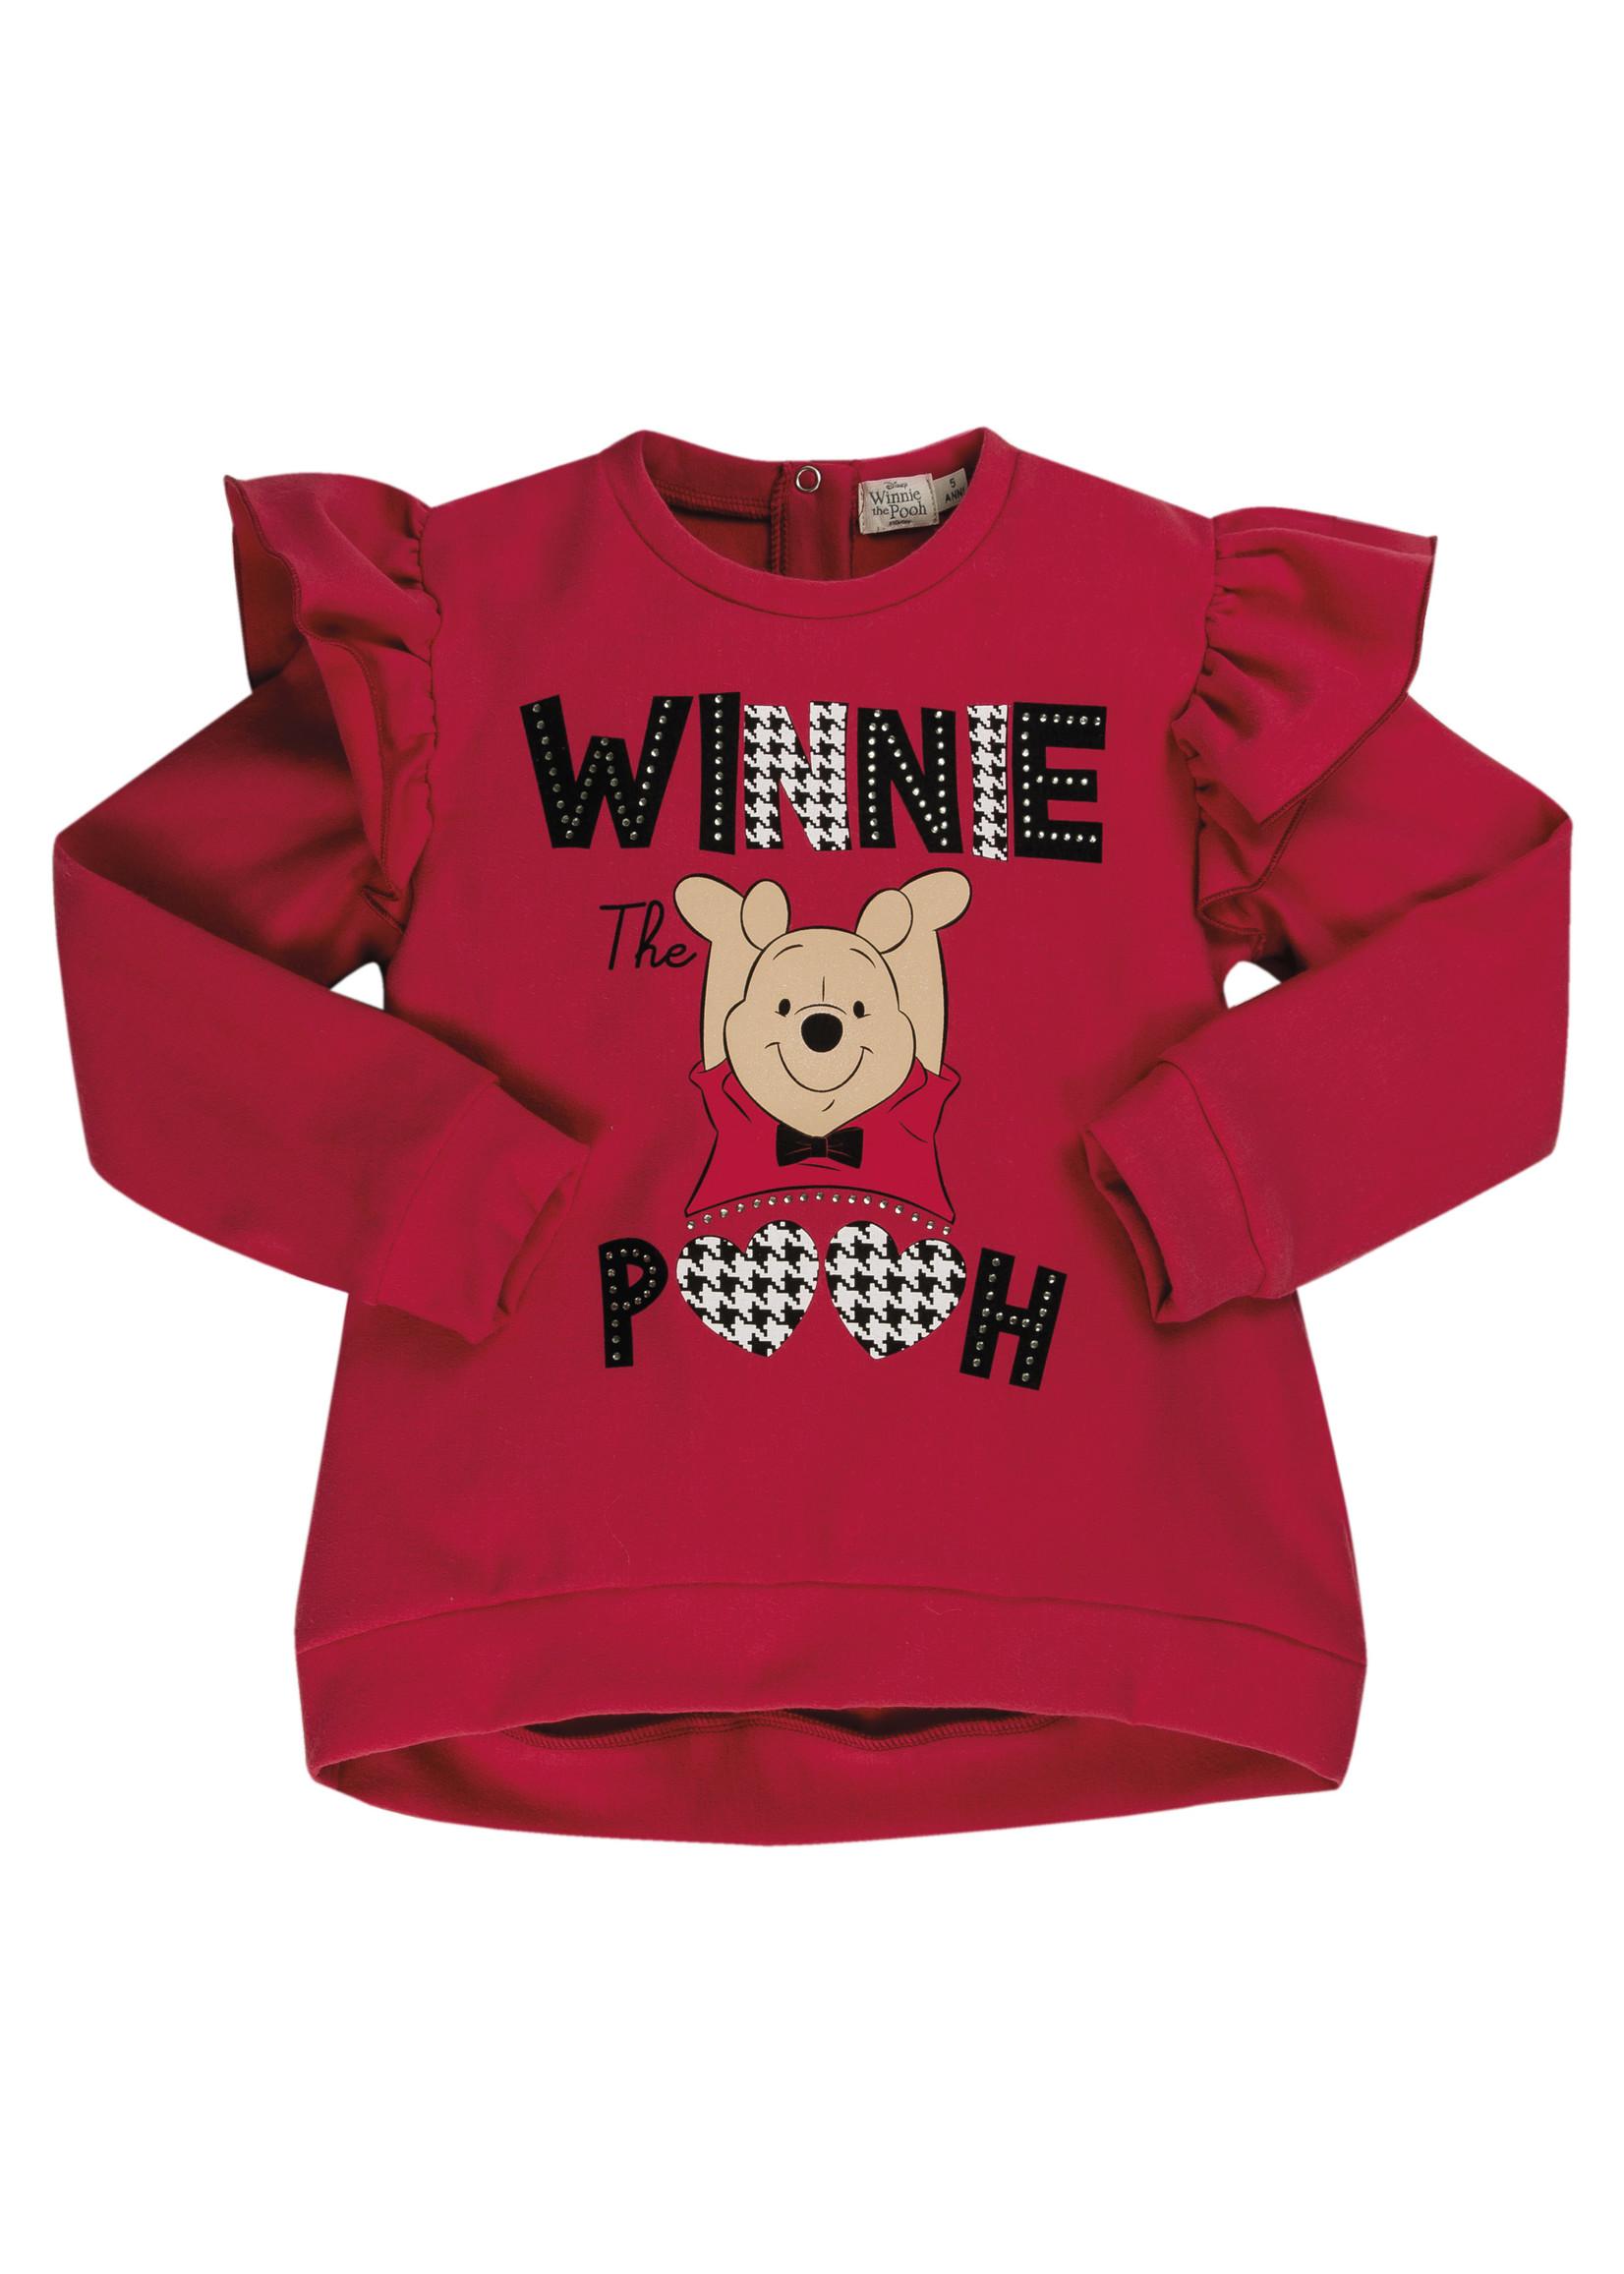 EMC EMC winnie the pooh sweater red